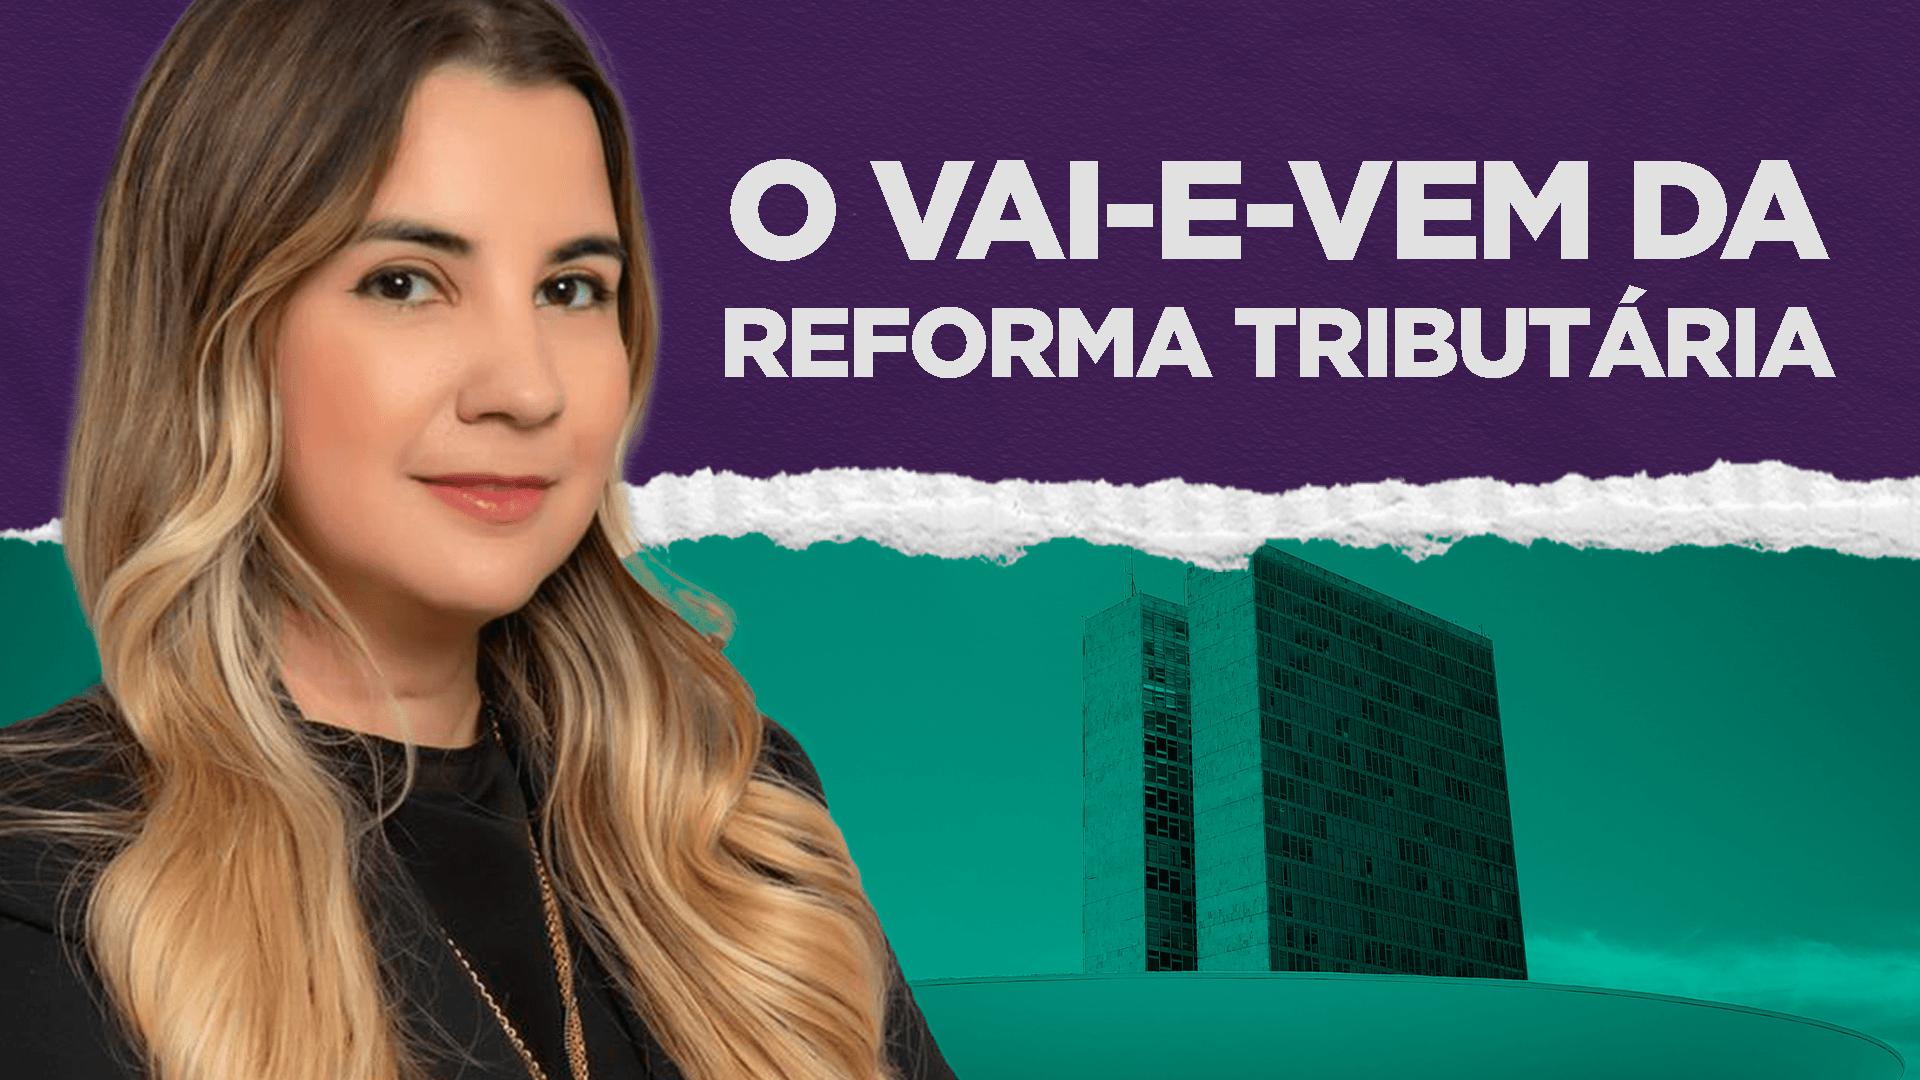 O VAI-E-VEM DA REFORMA TRIBUTÁRIA – LivresCast com Maria Carolina Gontijo